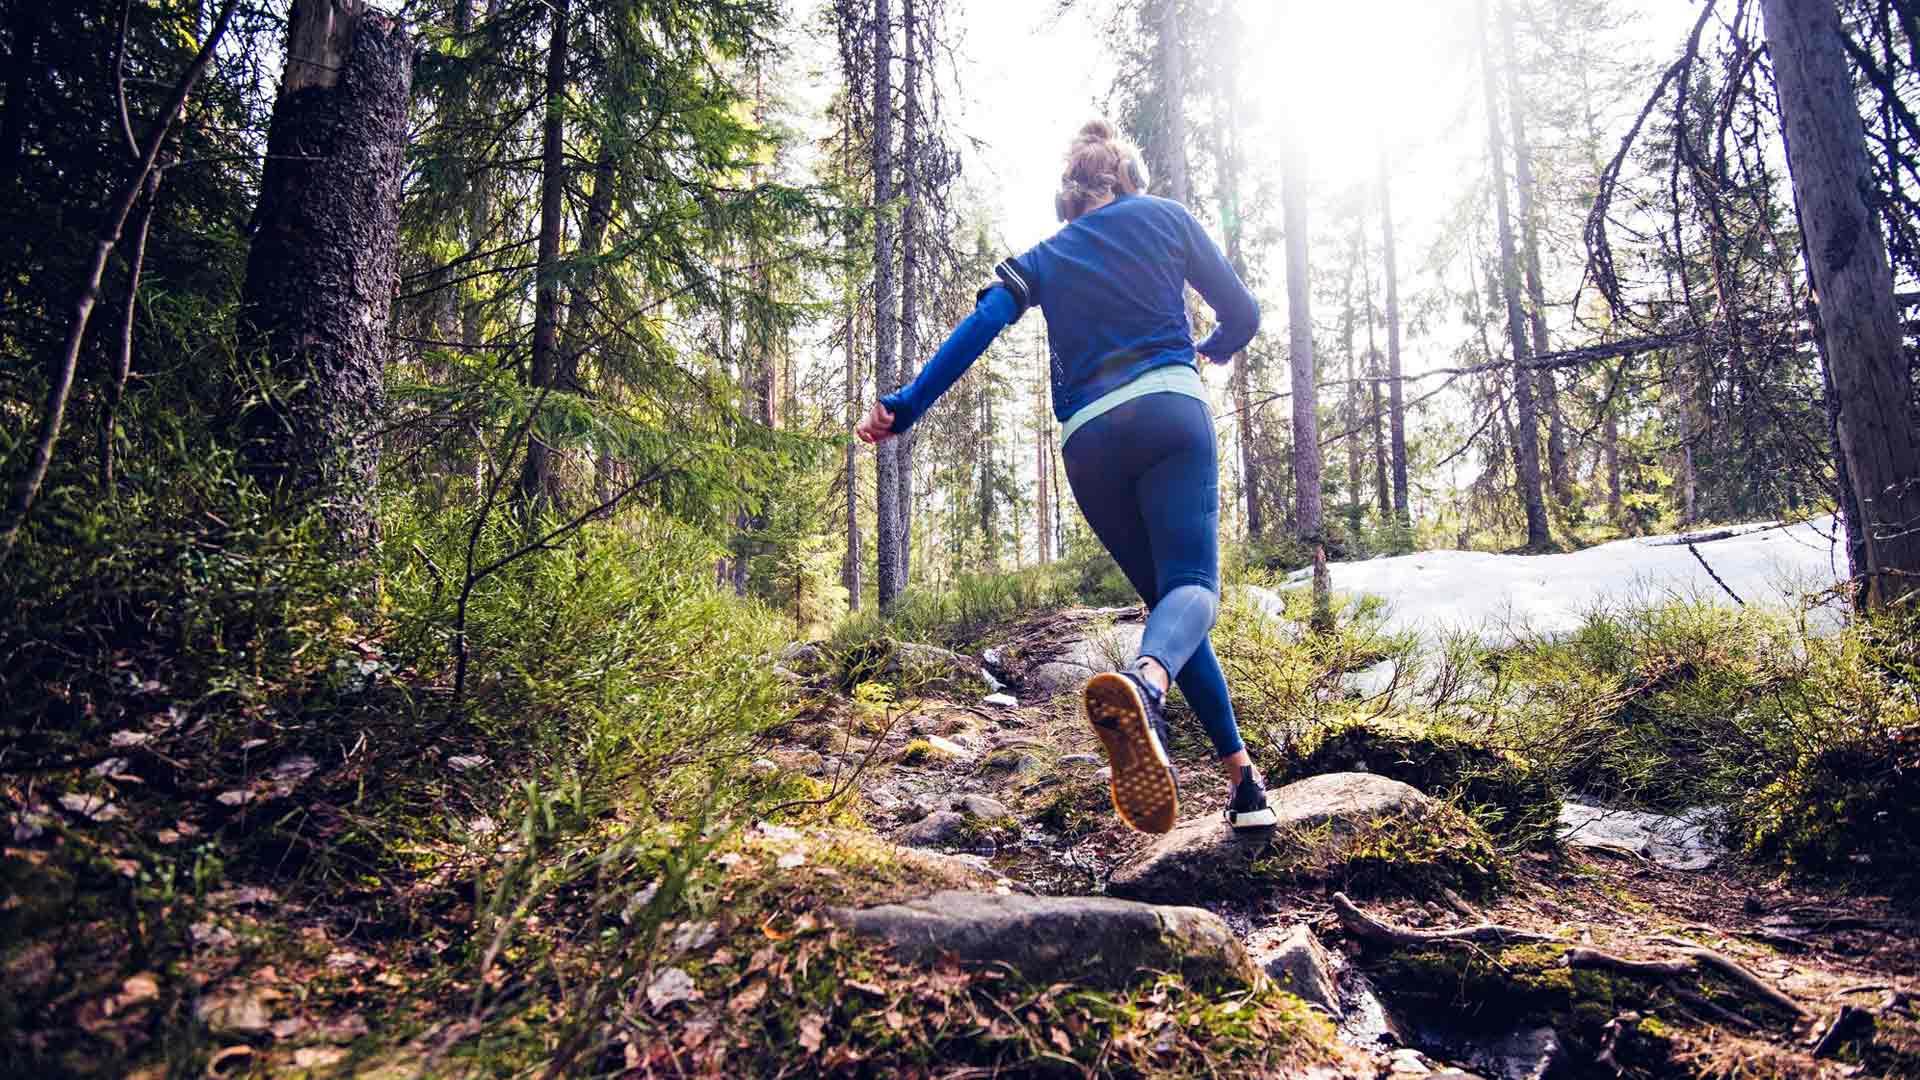 Mutkittelevat, pienet polut tarjoavat vaihtelua juoksijalle.